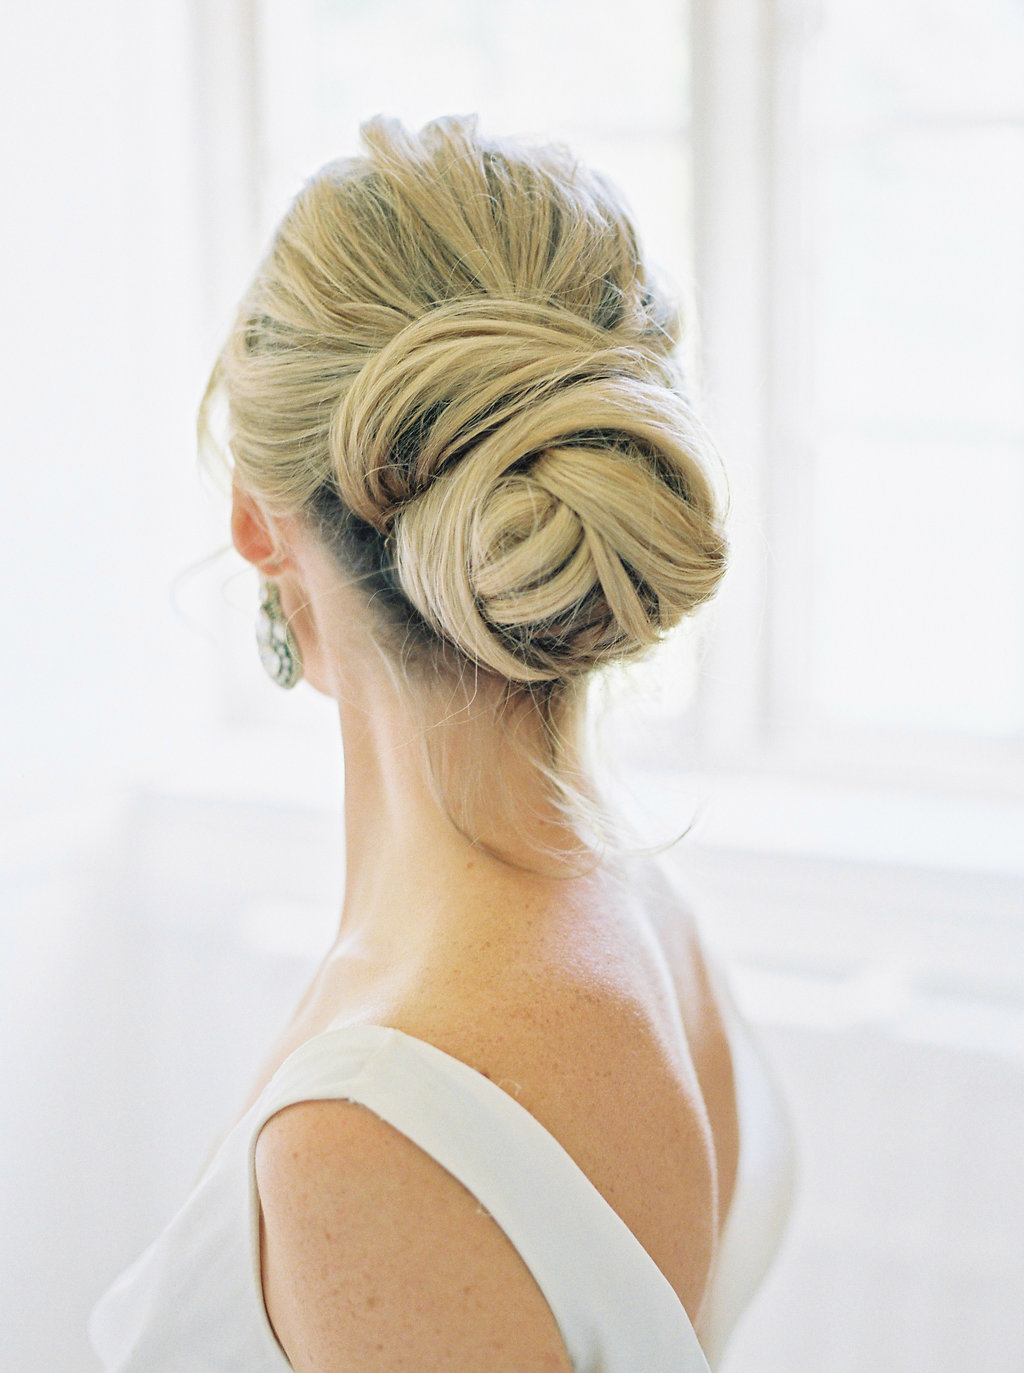 Ballet bun style up-do